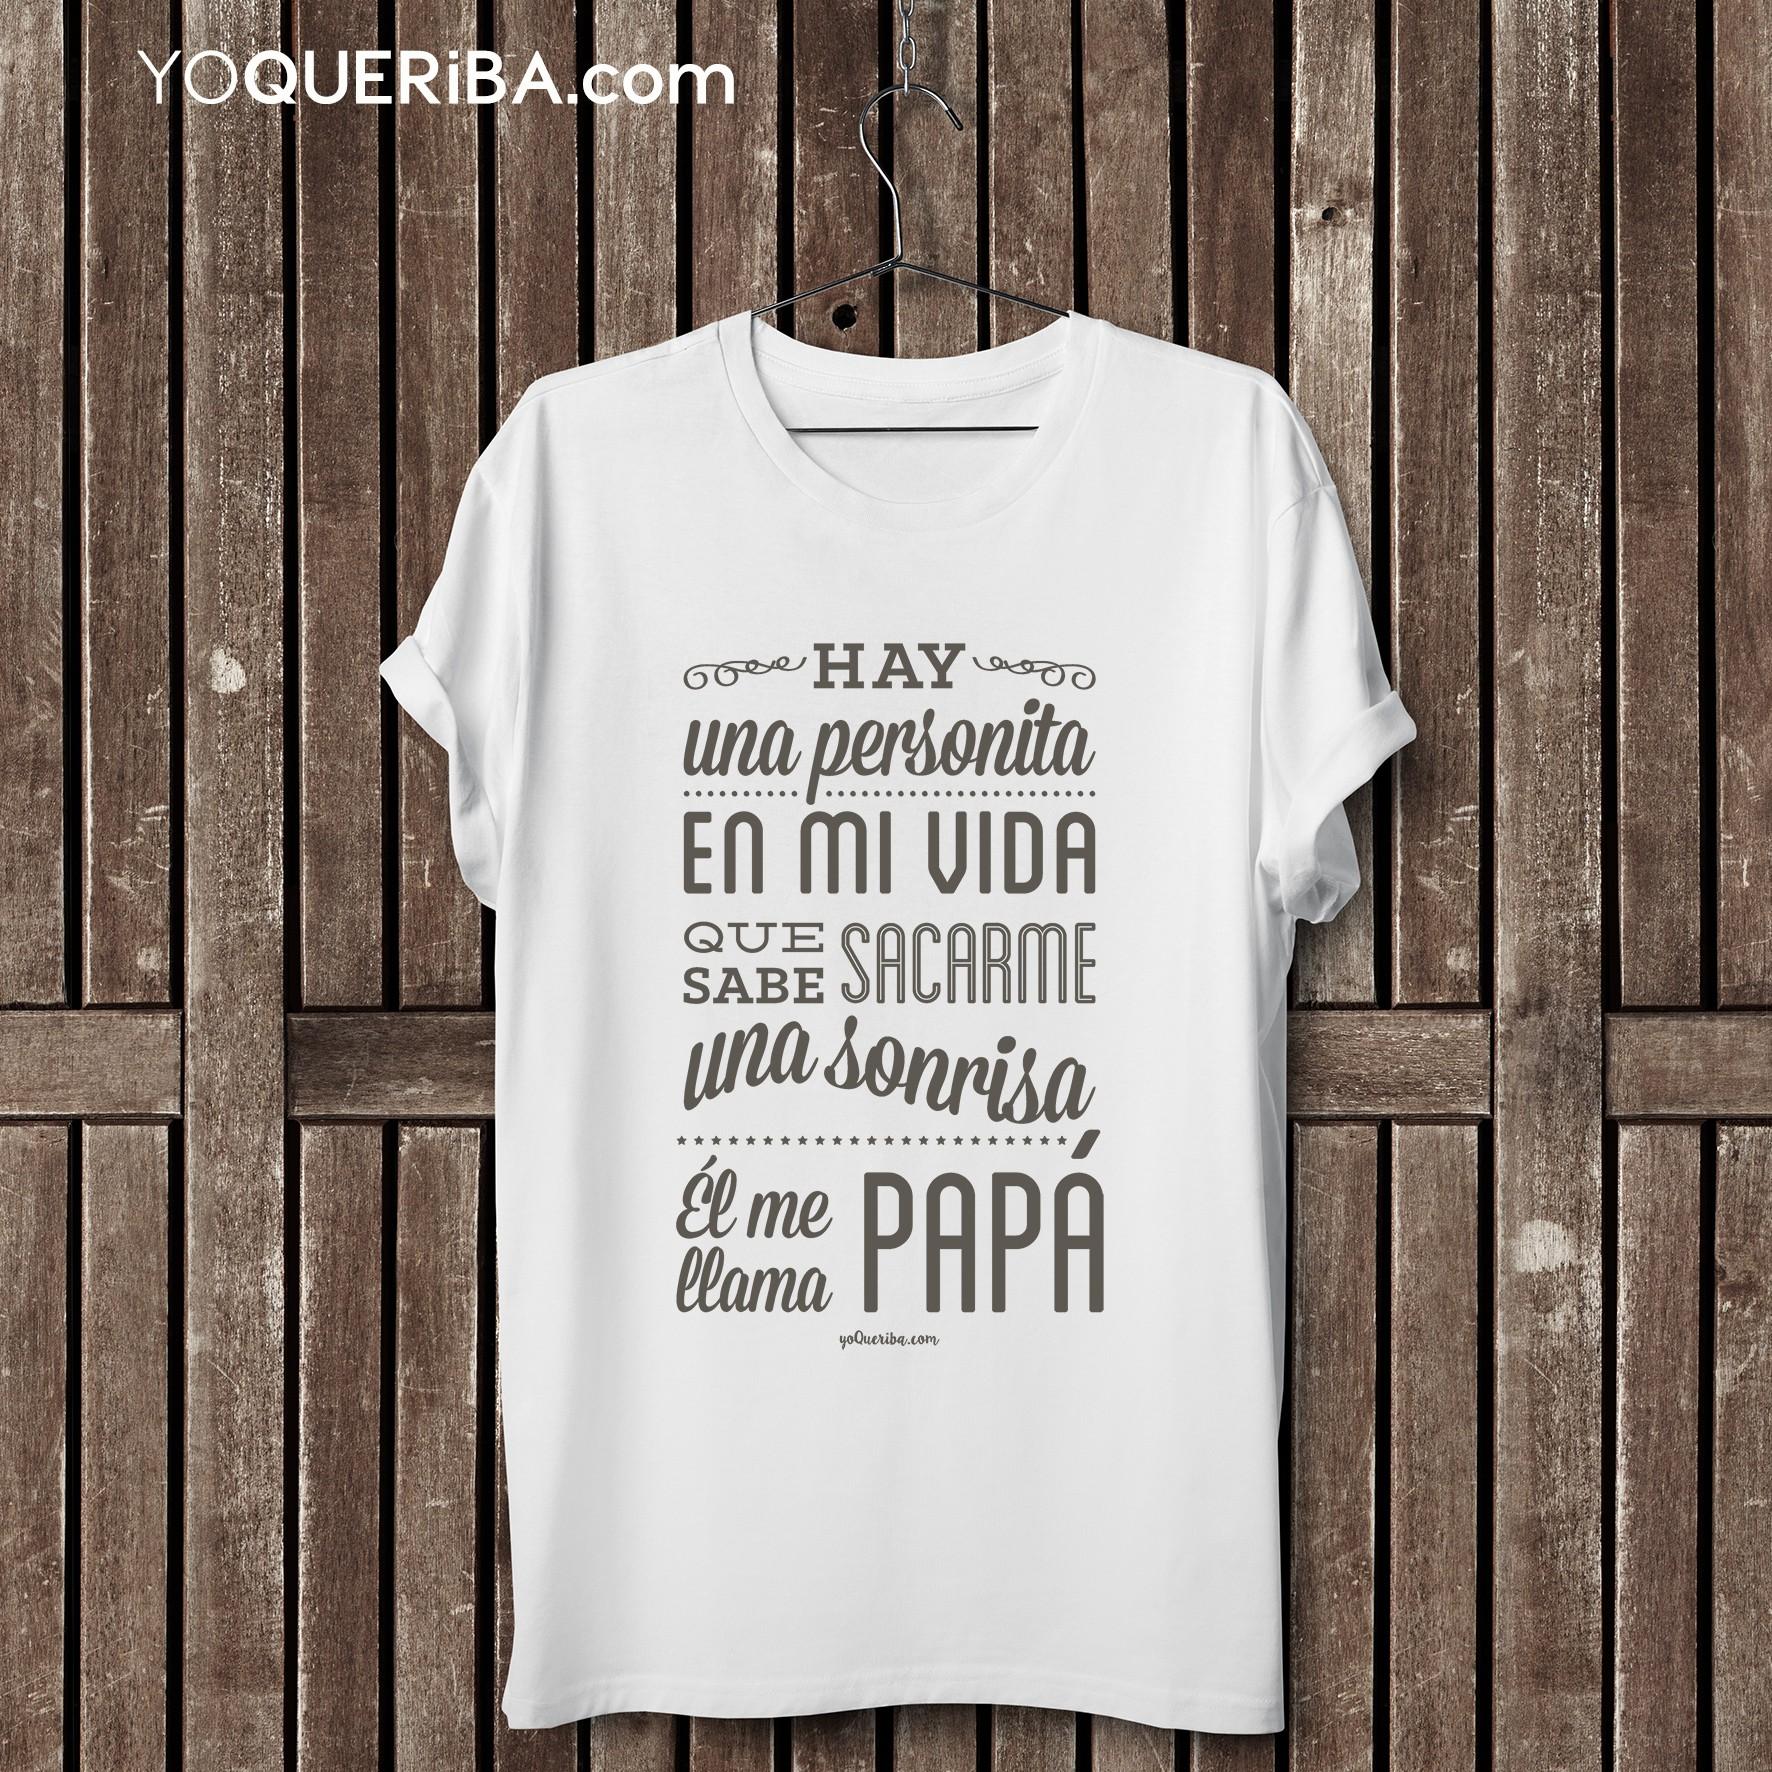 275a49cac Camiseta hombre